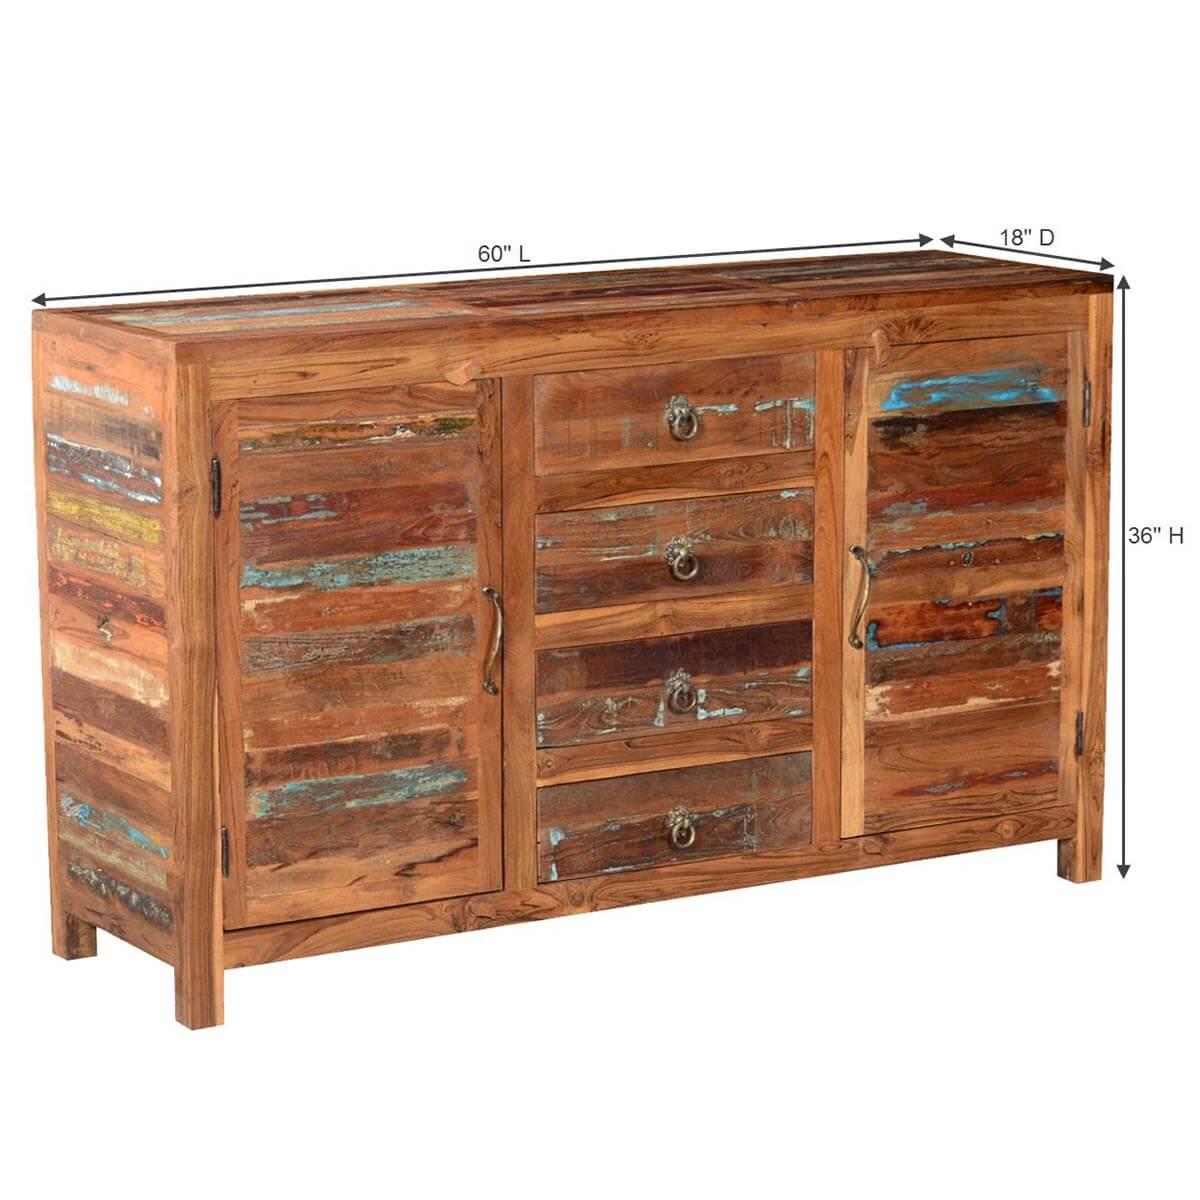 Santa fe distressed rustic reclaimed wood drawer sideboard